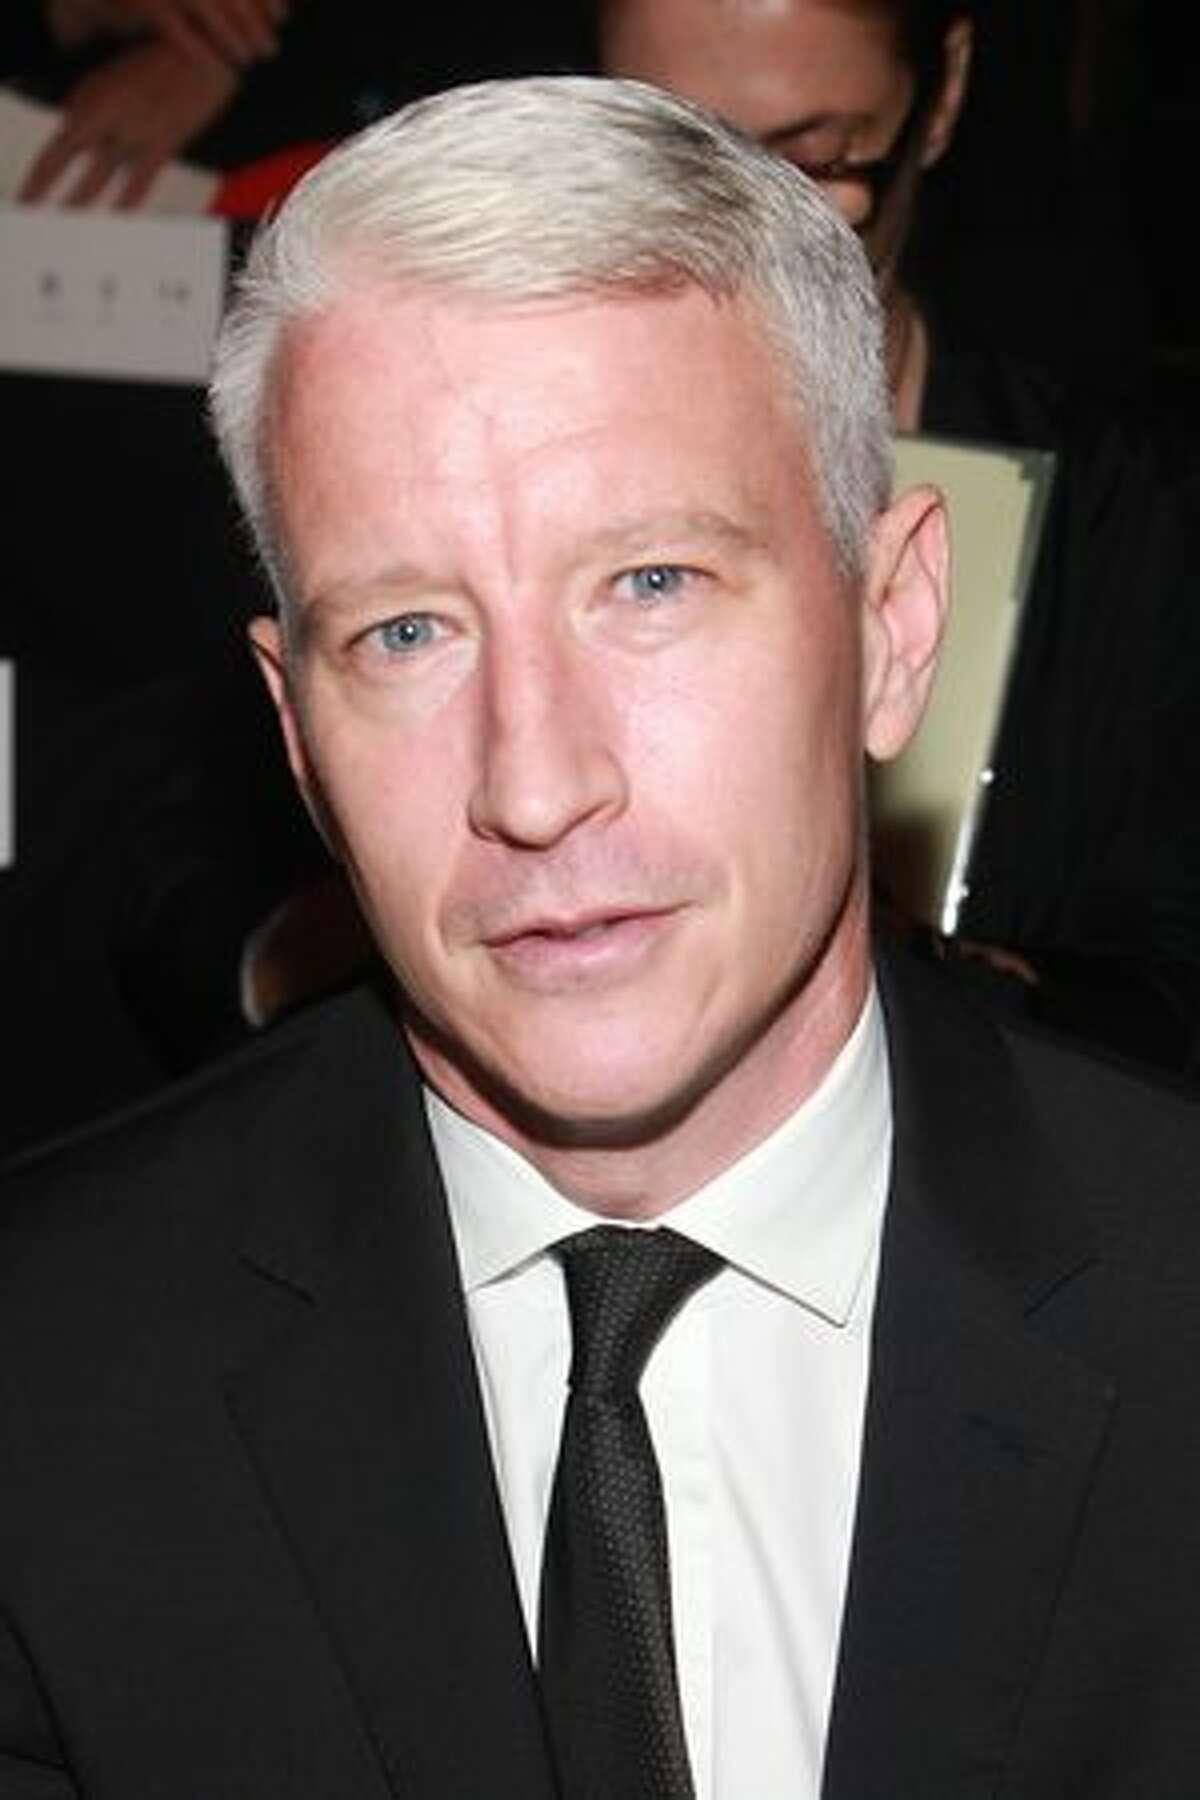 Anderson Cooper attends the Diane von Furstenberg Spring 2011 fashion show during Mercedes-Benz Fashion Week in New York City.